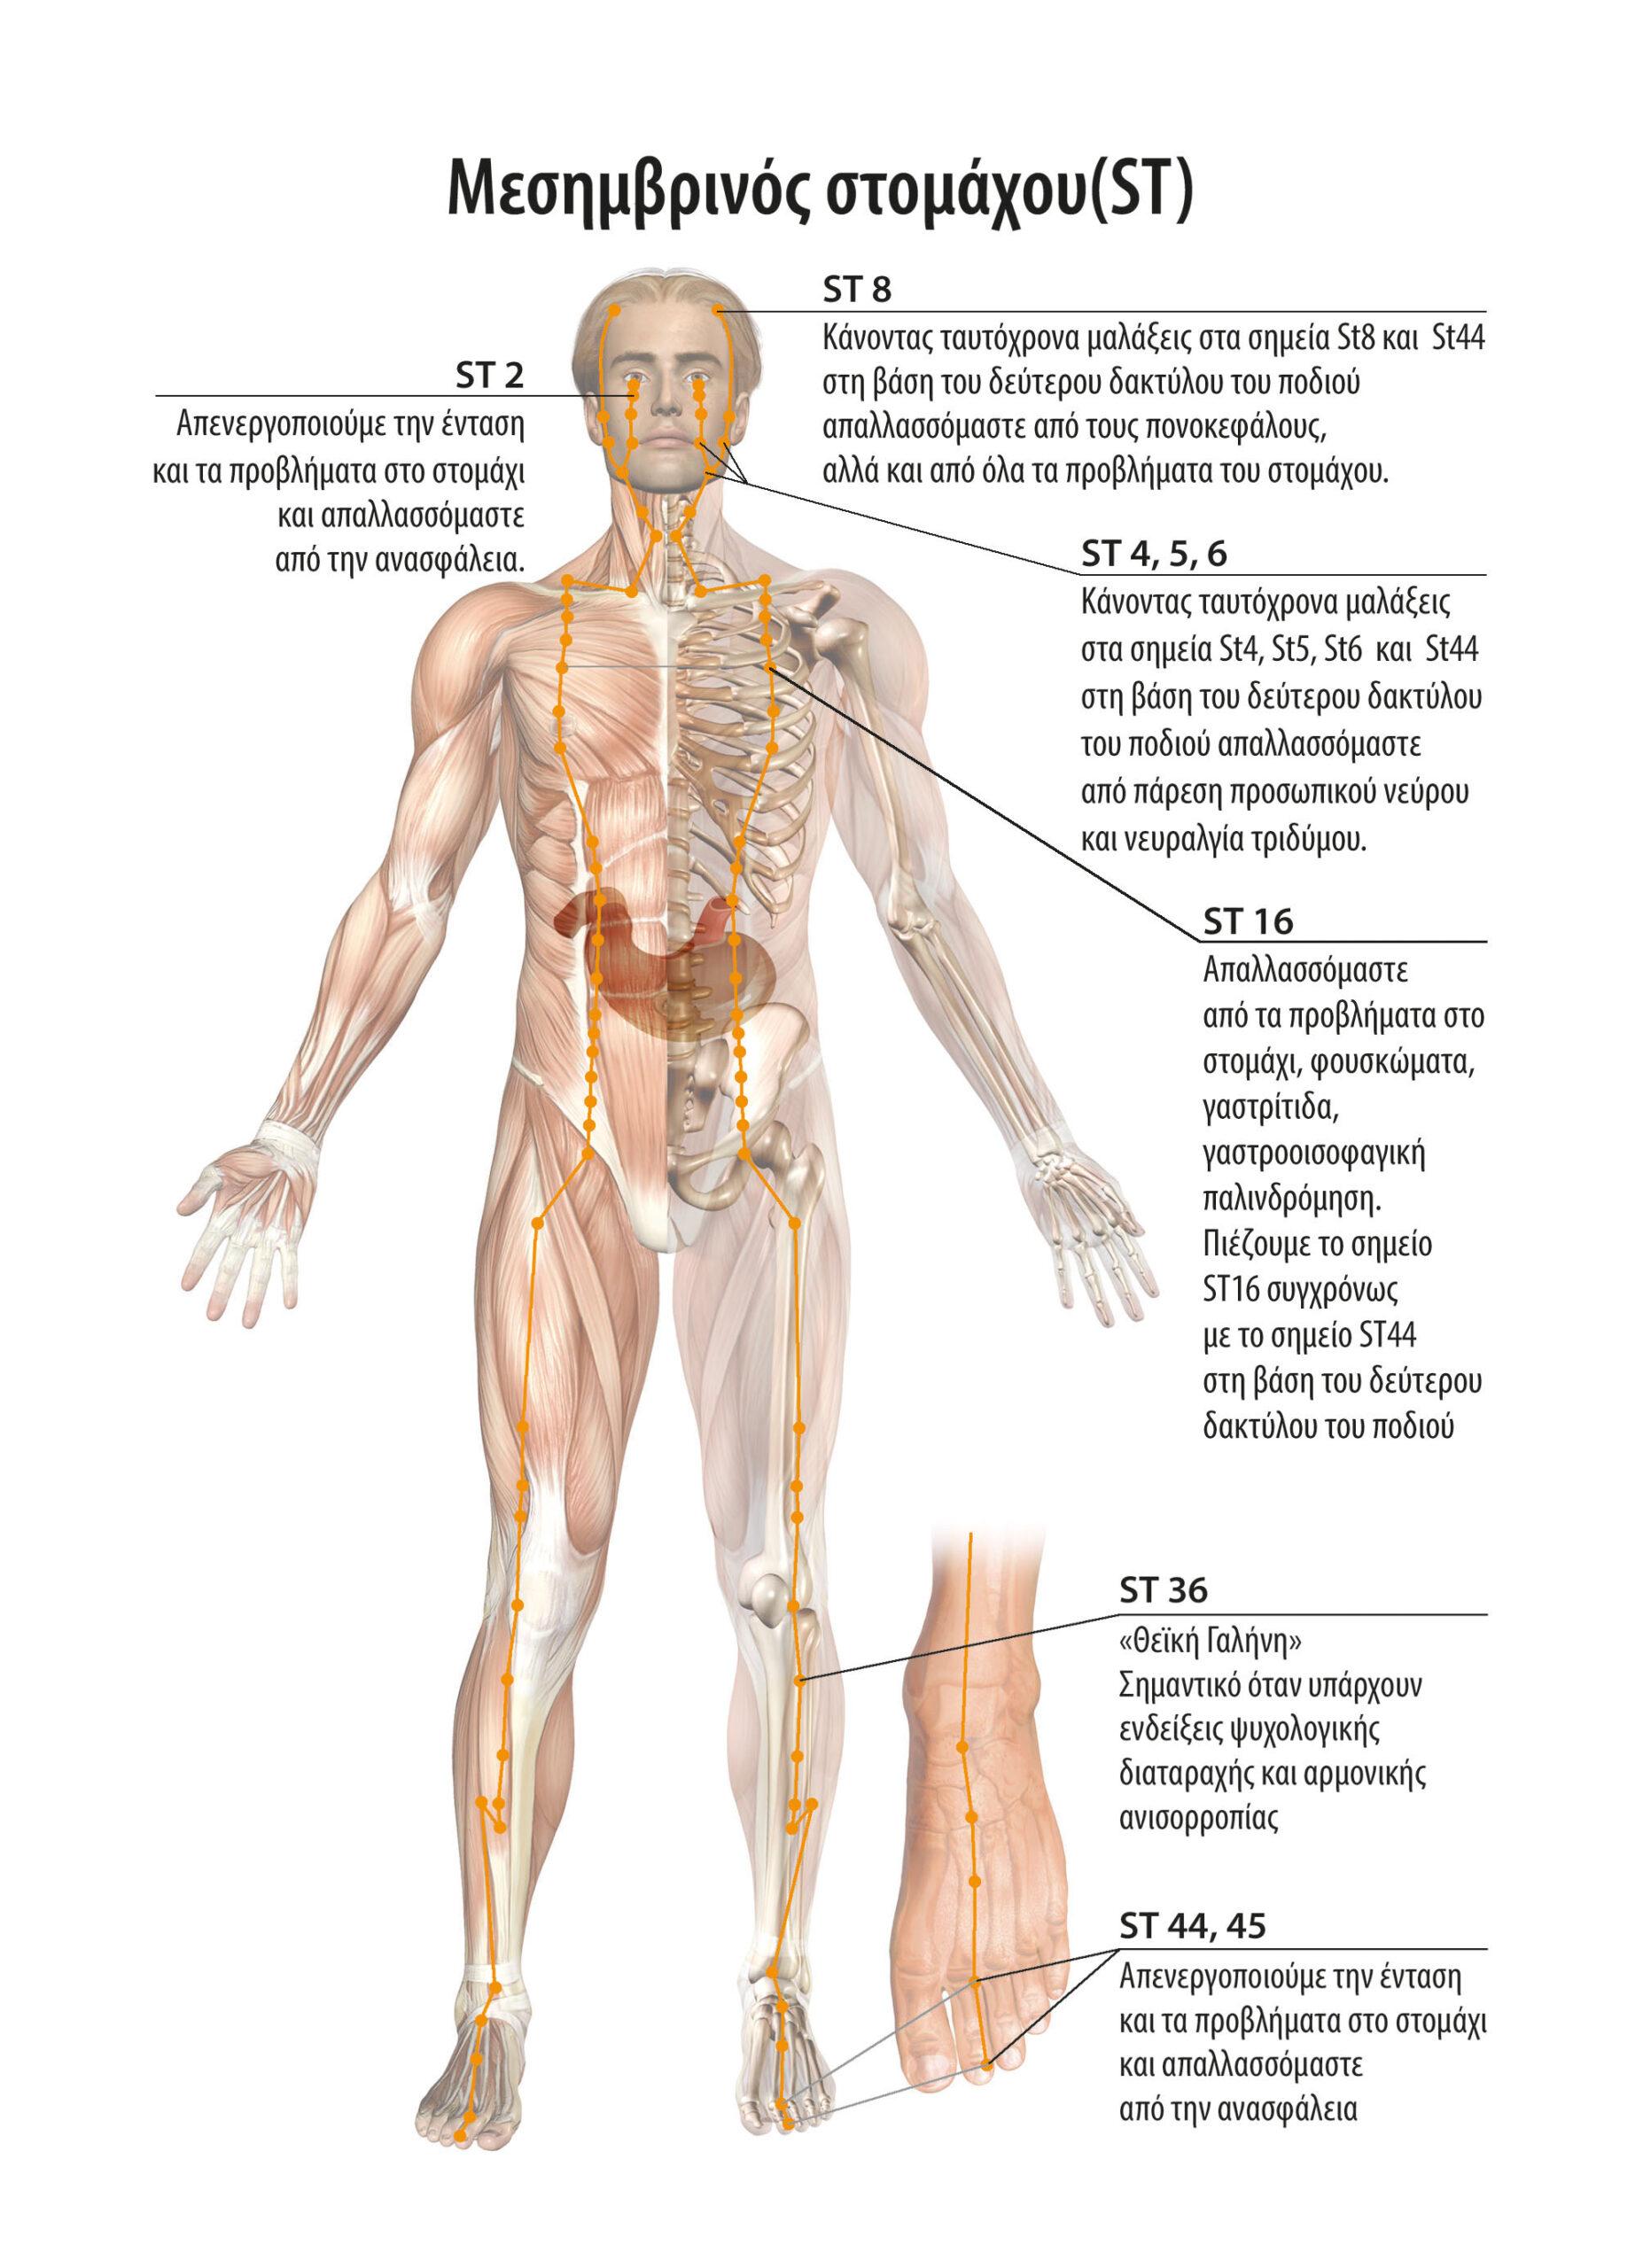 Αυτοθεραπεία από προβλήματα στο στομάχι όπως καούρες, γαστρίτιδα, πρήξιμο, φουσκώματα, οισοφαγική παλινδρόμηση 3